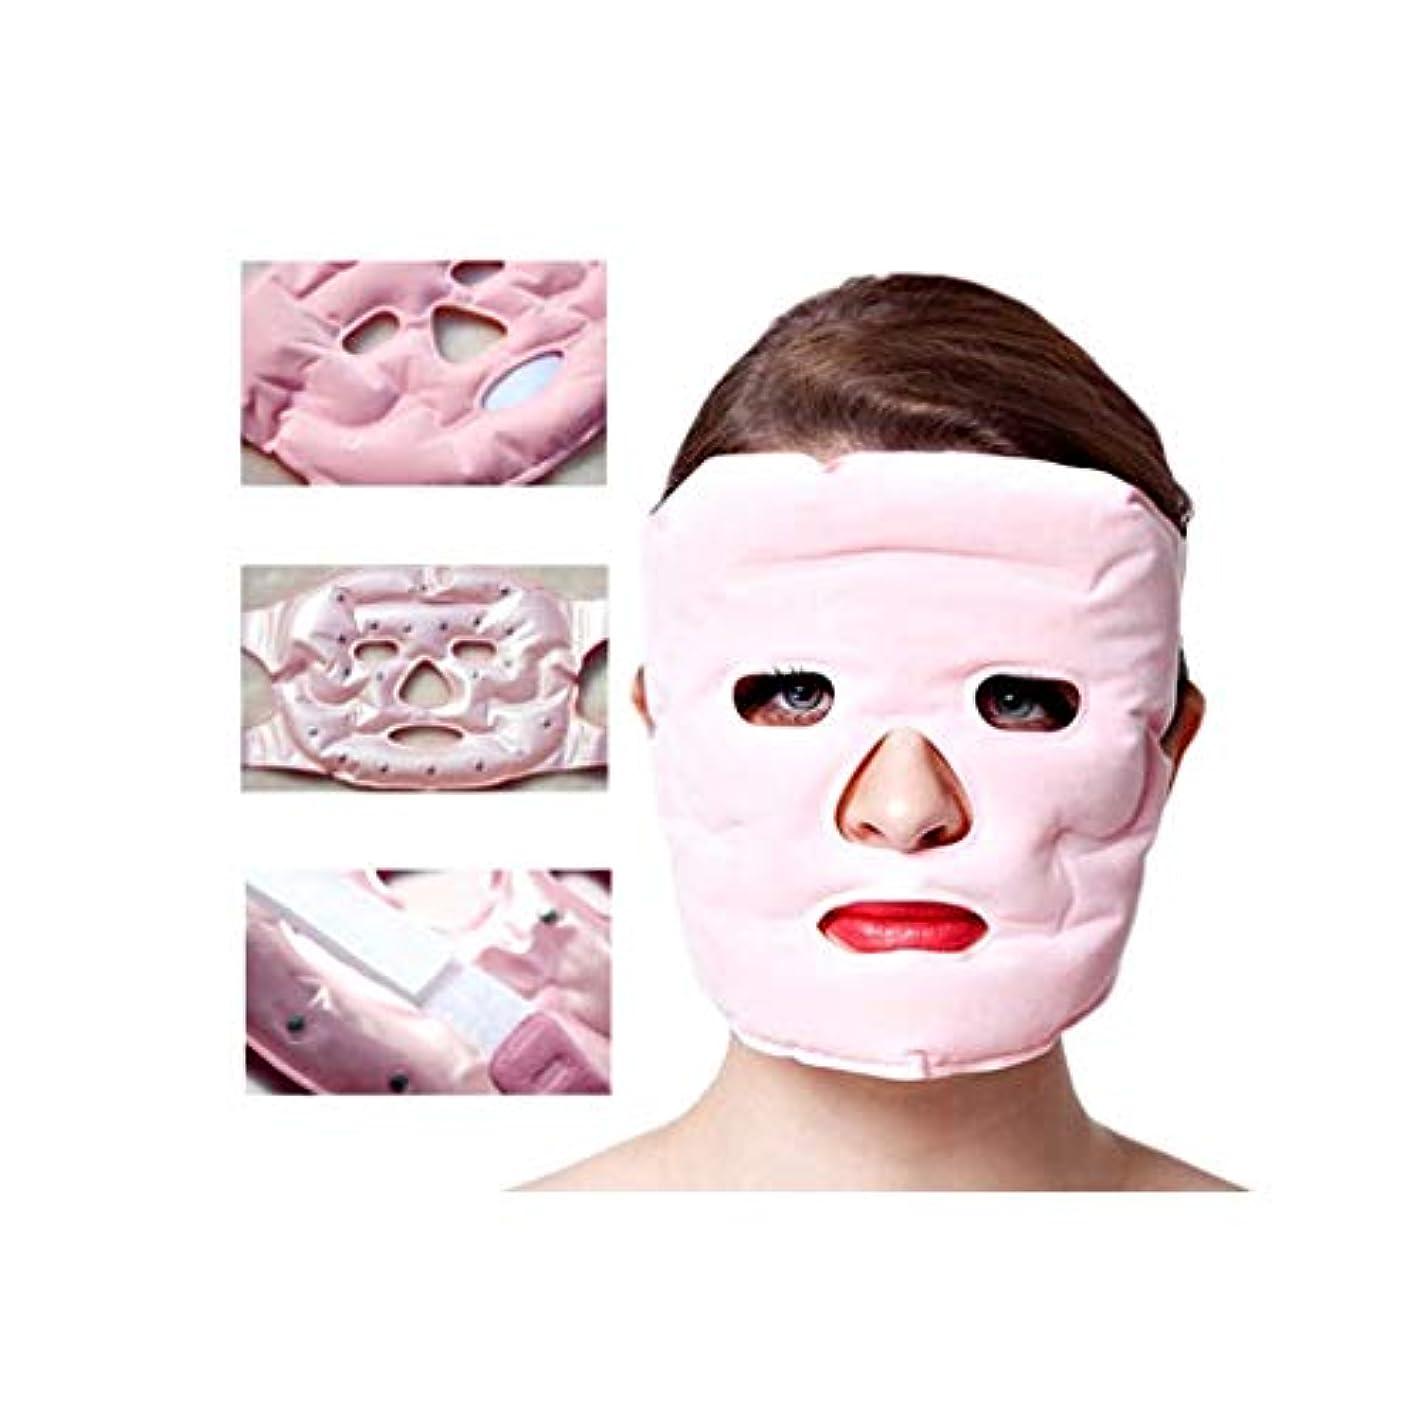 センチメートル蒸気囲むフェイシャルスリミング、Vフェイスマスク、フェイスリフティングビューティーマスク、磁気療法リフティングフェイス、肌の状態を改善するための肌の頬の引き締め